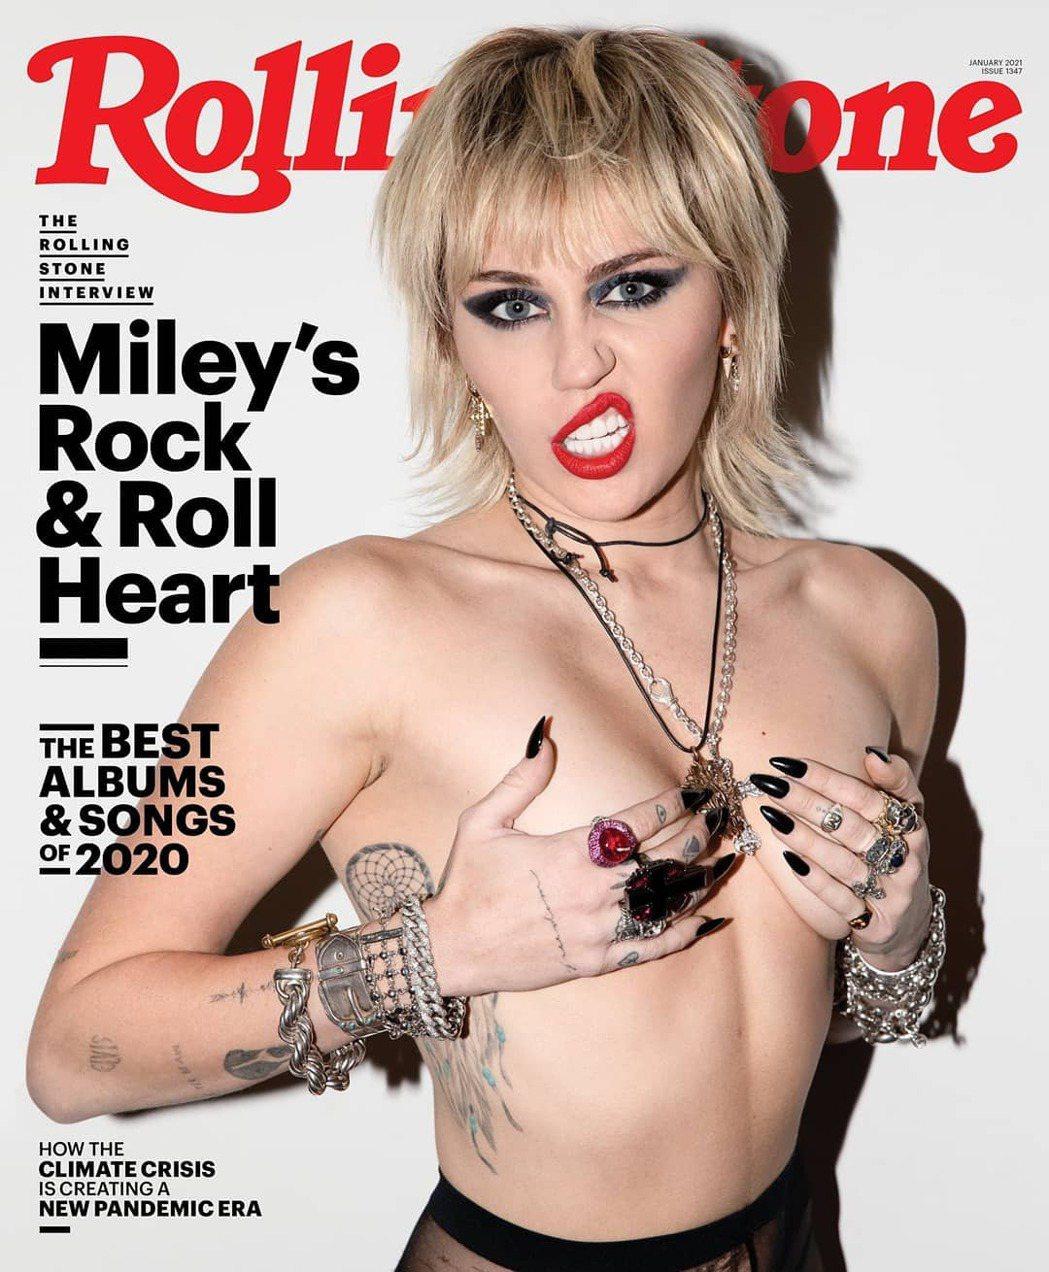 麥莉在最新「滾石」封面再度裸上身、清涼入鏡。圖/摘自Instagram